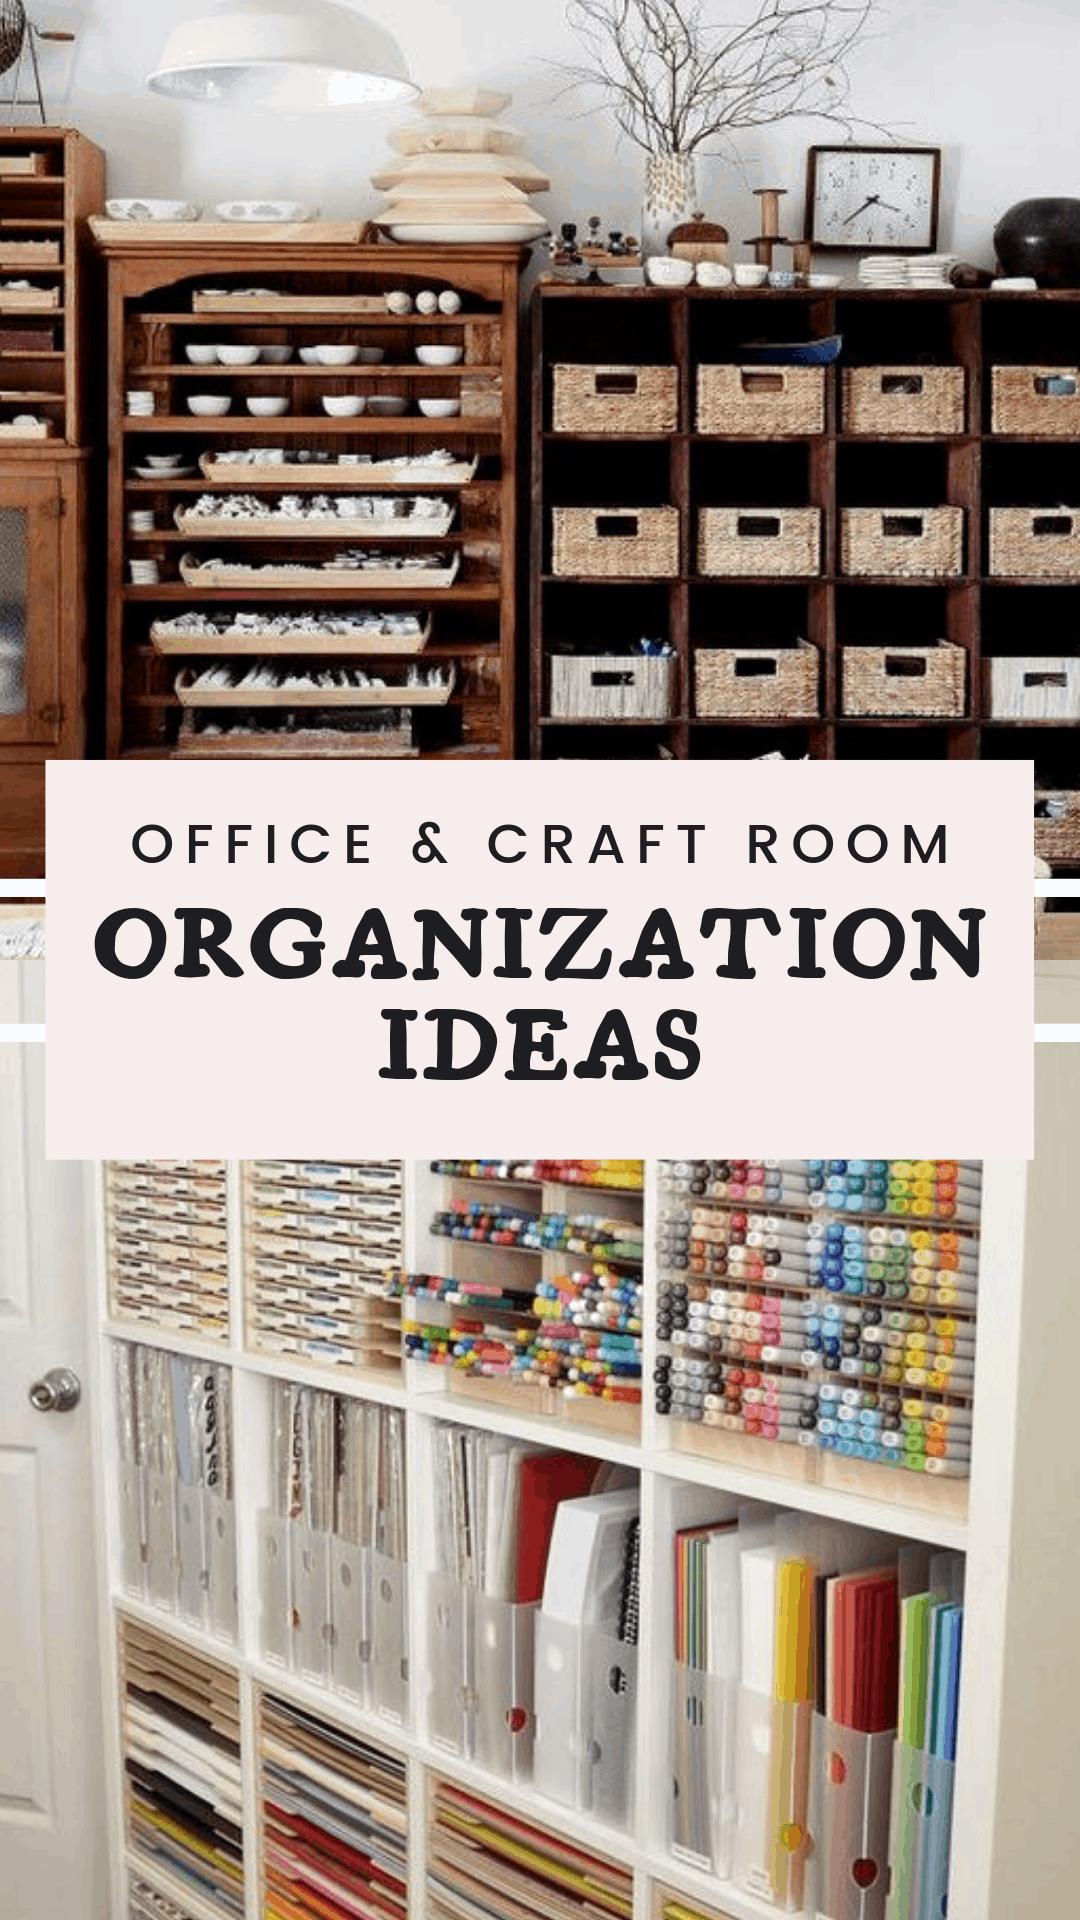 Office & Craft Room Storage & Organization